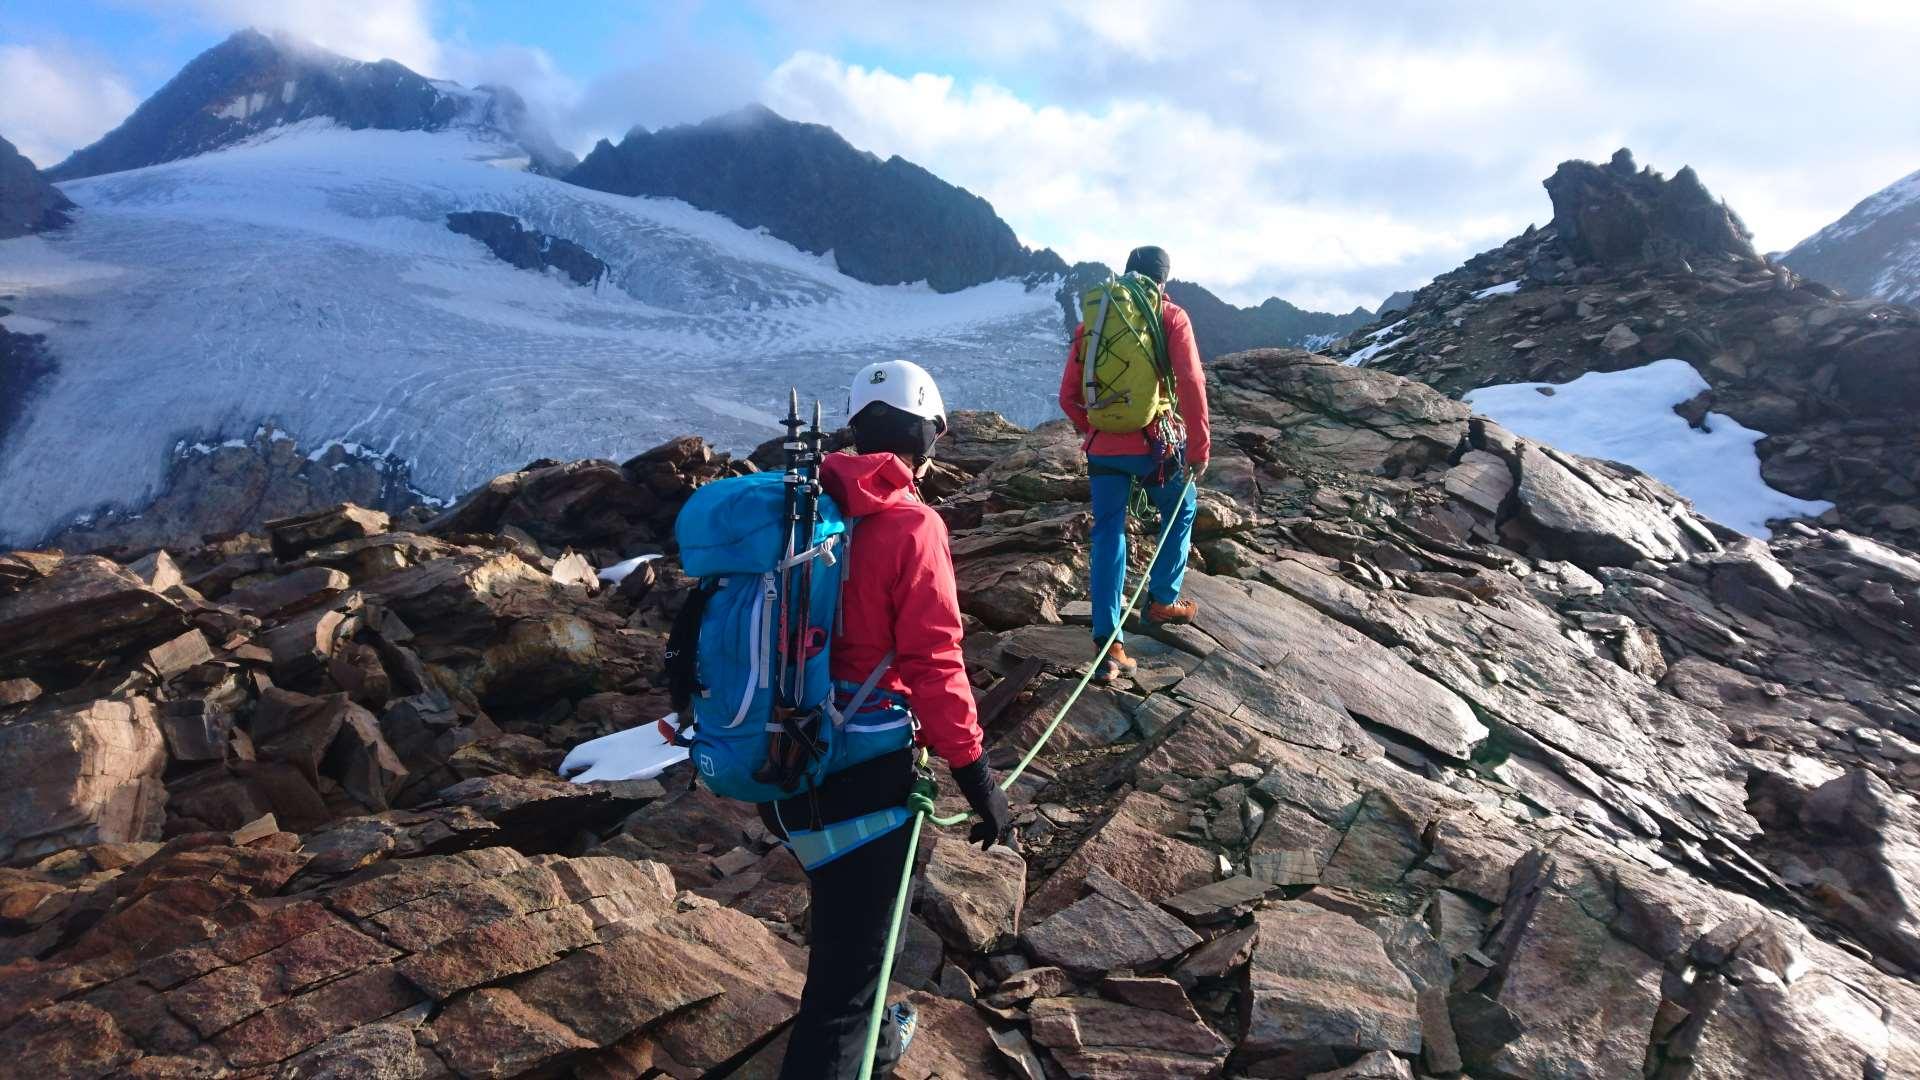 Hochtour zur Weißkugel – die schönste Alternative zur Ortler-Besteigung in Südtirol